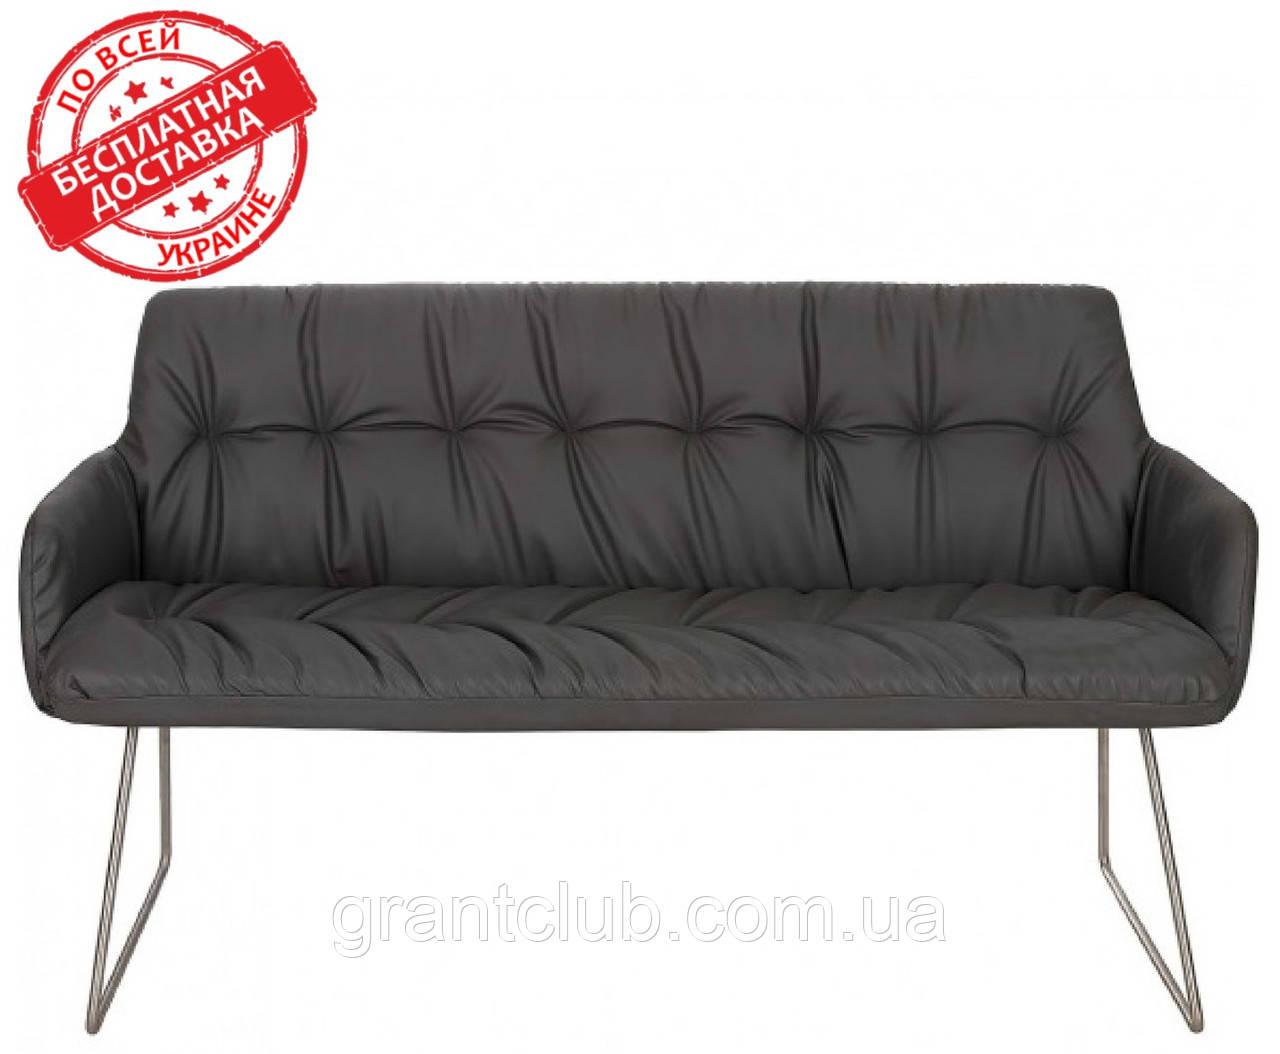 Кресло - банкетка LEON темно-серый кожзам 155 см Nicolas (бесплатная адресная доставка)